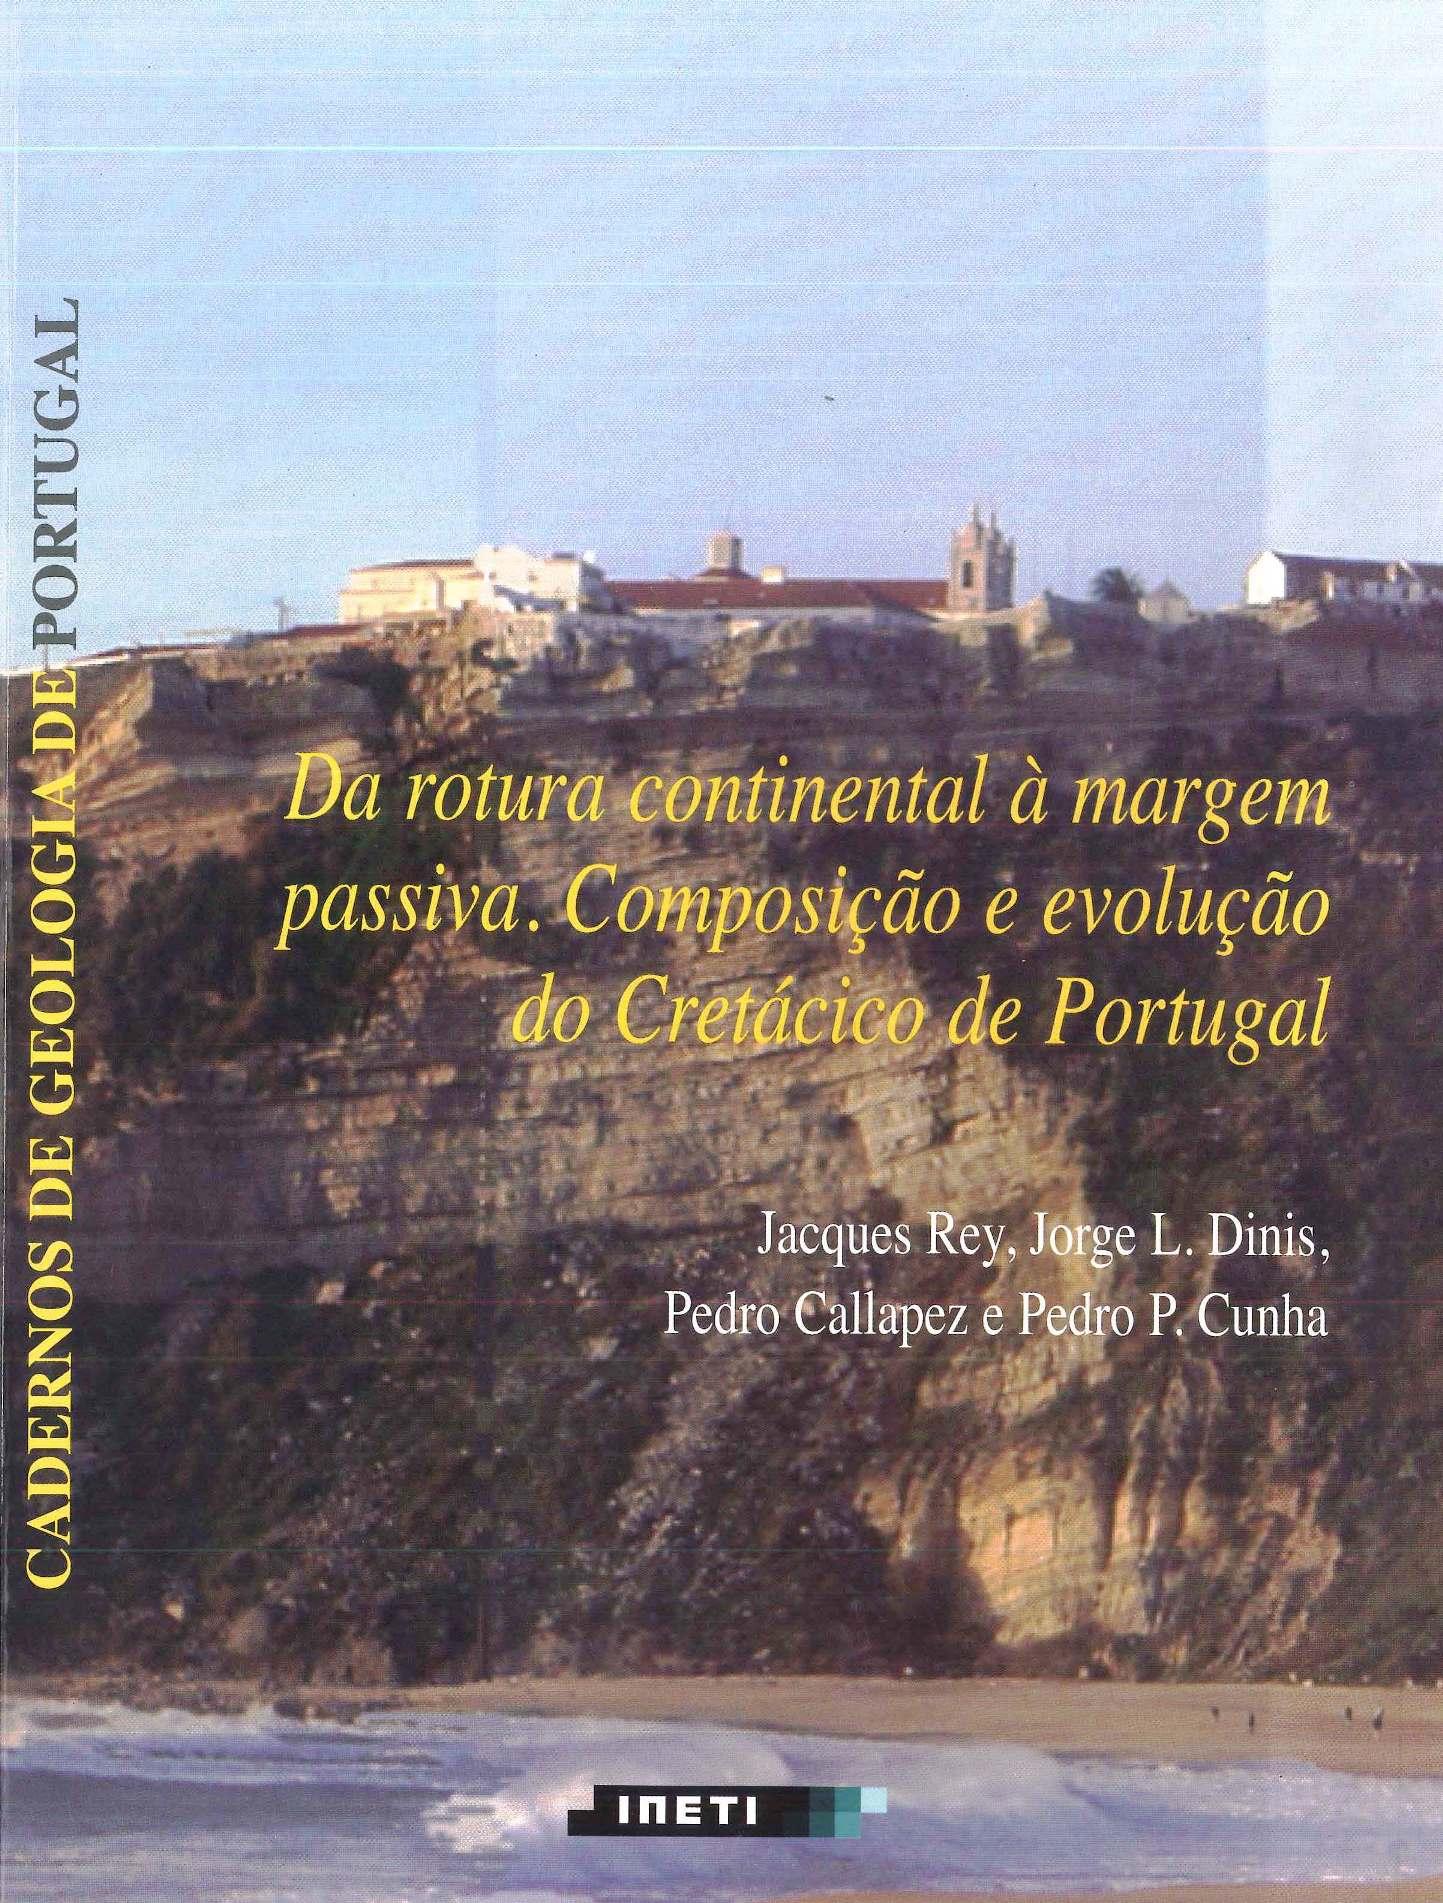 DDa Rotura Continental à Margem Passiva. Composição e Evolução do Cretácico de Portugal (2006)